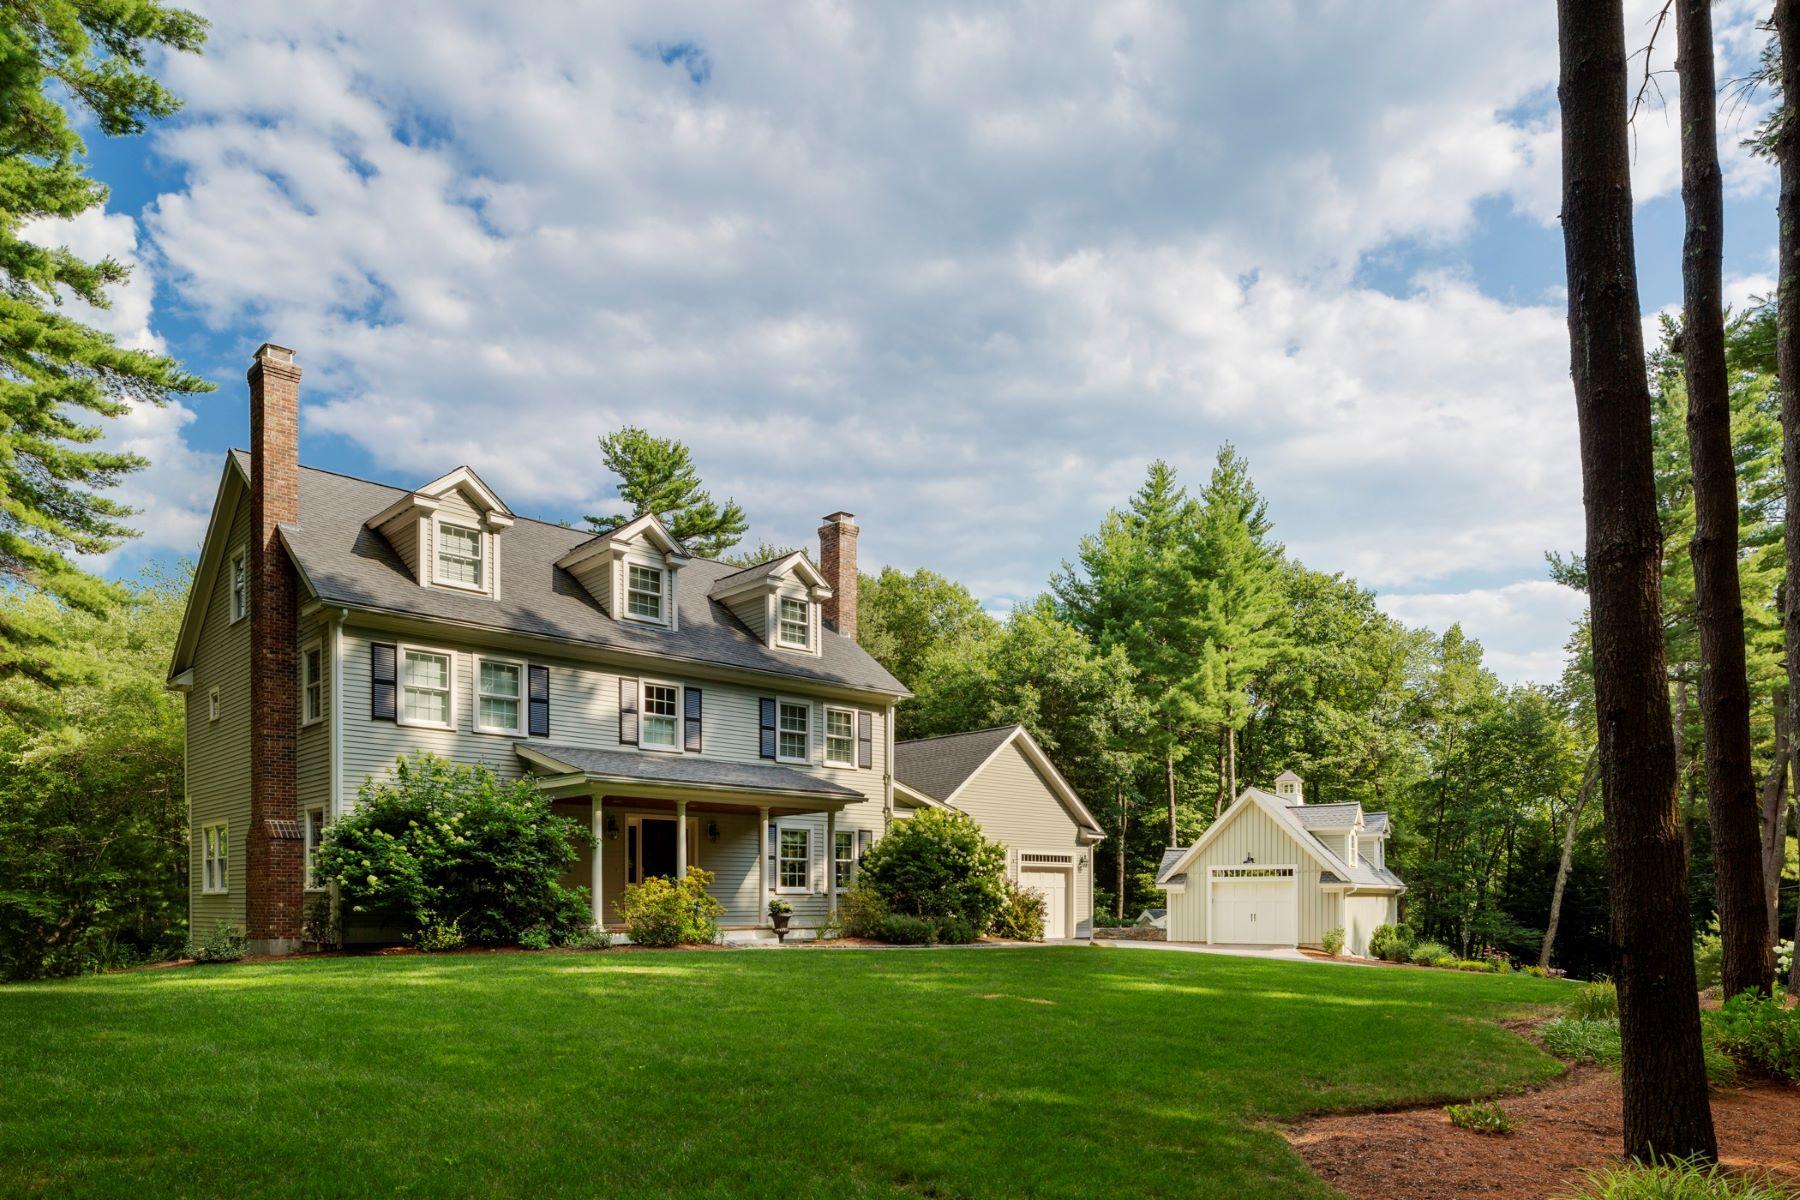 Maison unifamiliale pour l Vente à Refreshing Elegant Colonial 155 Woodridge Road Carlisle, Massachusetts 01741 États-Unis